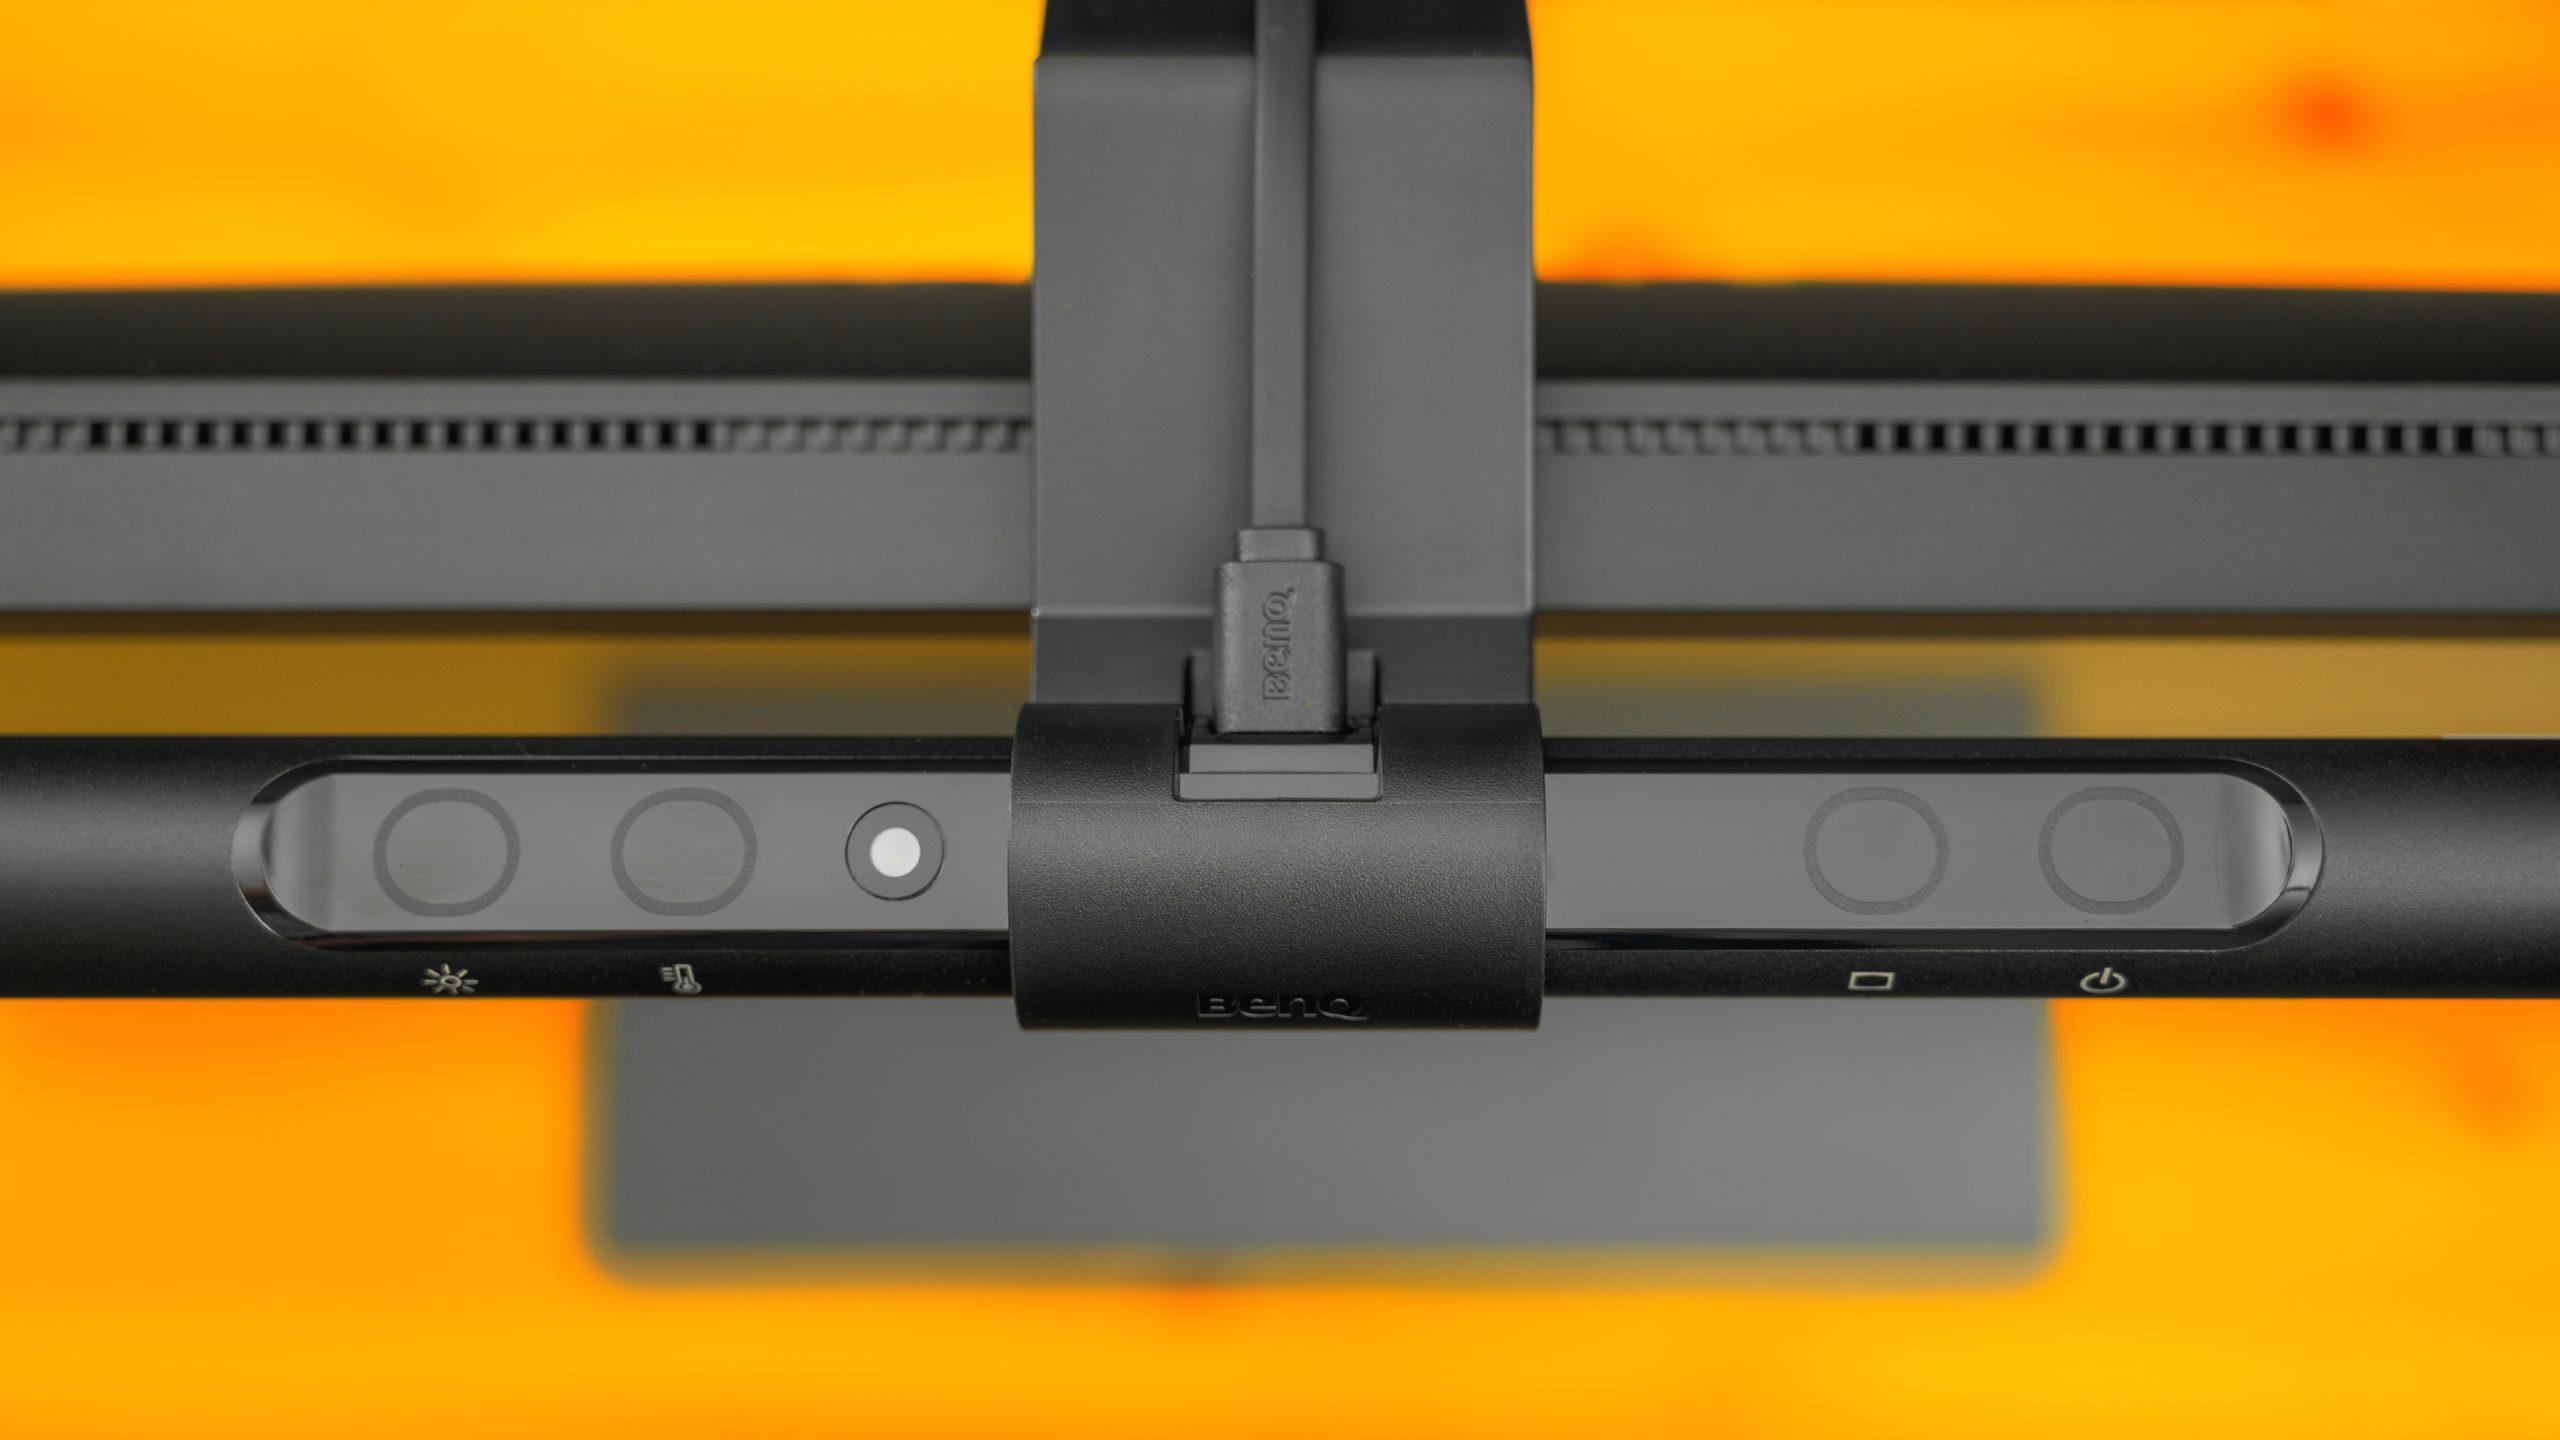 Bovenaanzicht van de BenQ ScreenBar, met daarop de touch-controls duidelijk zichtbaar.